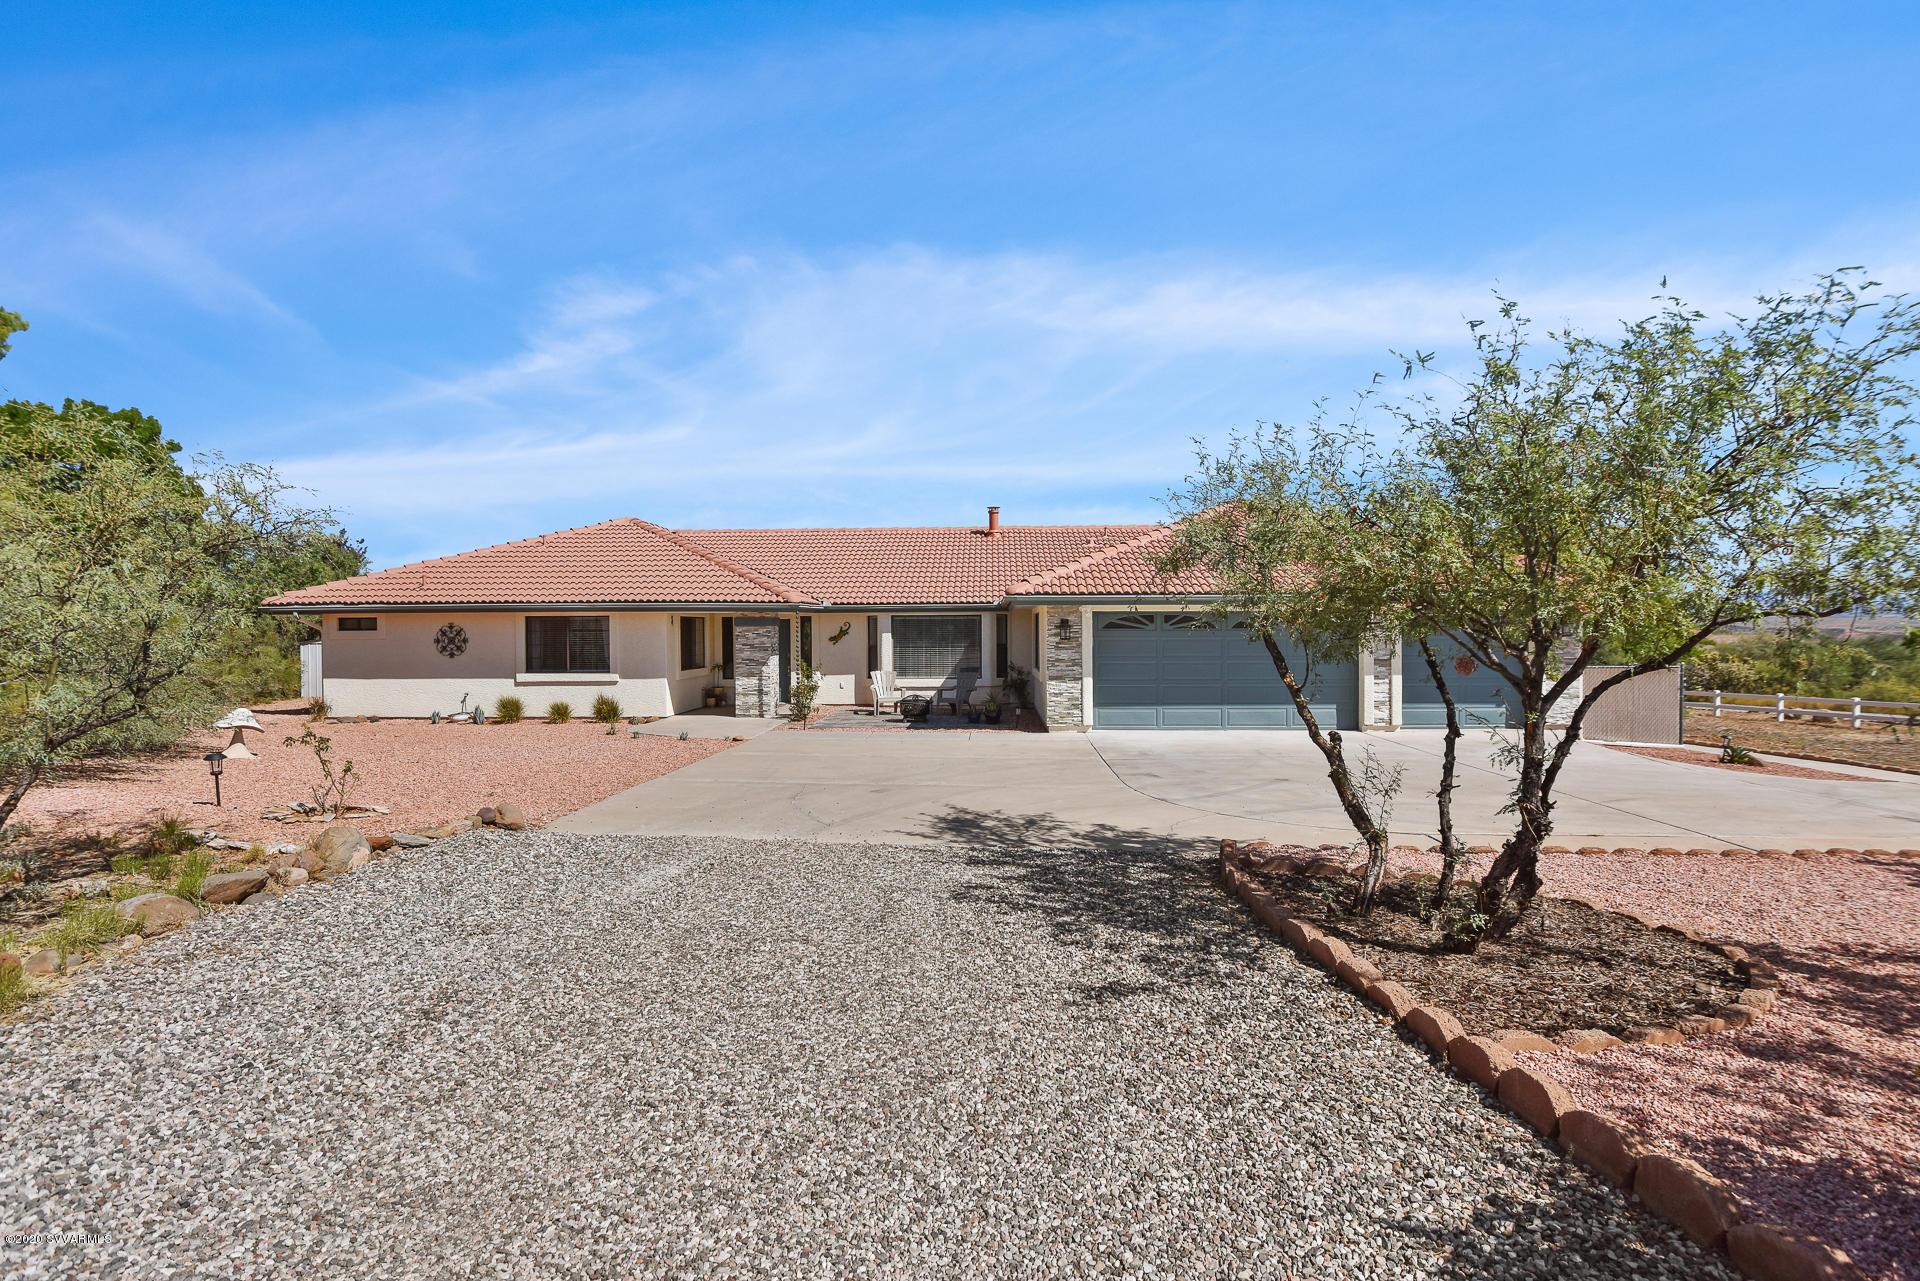 1570 S Mountain View Dr Cottonwood, AZ 86326